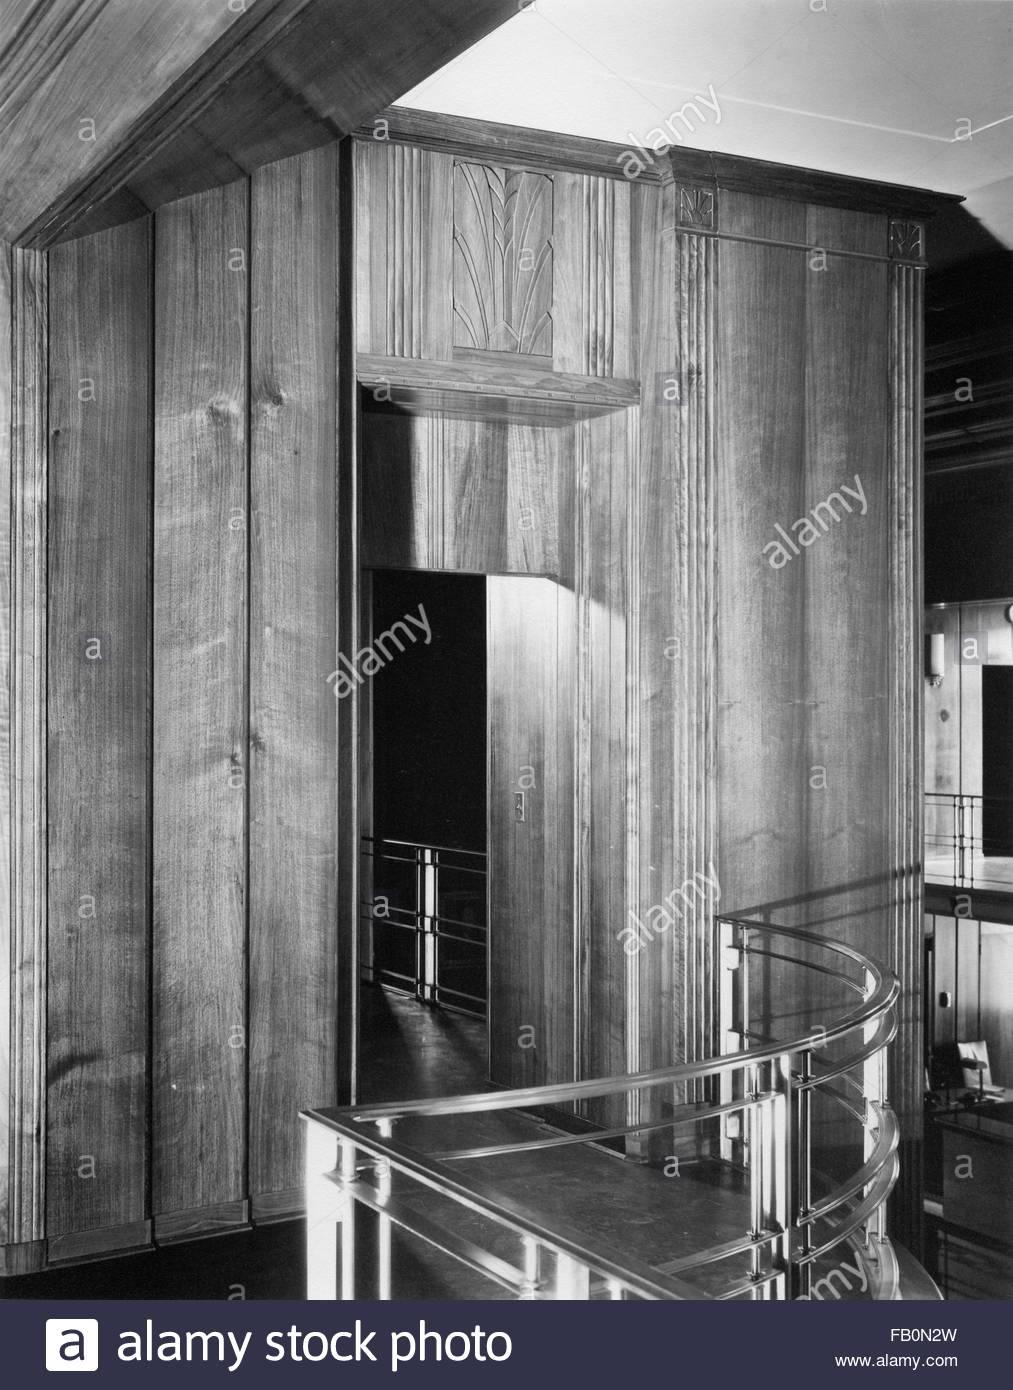 Interieur, Tür mit Holz getäfelten Wänden. Central National Turm in ...